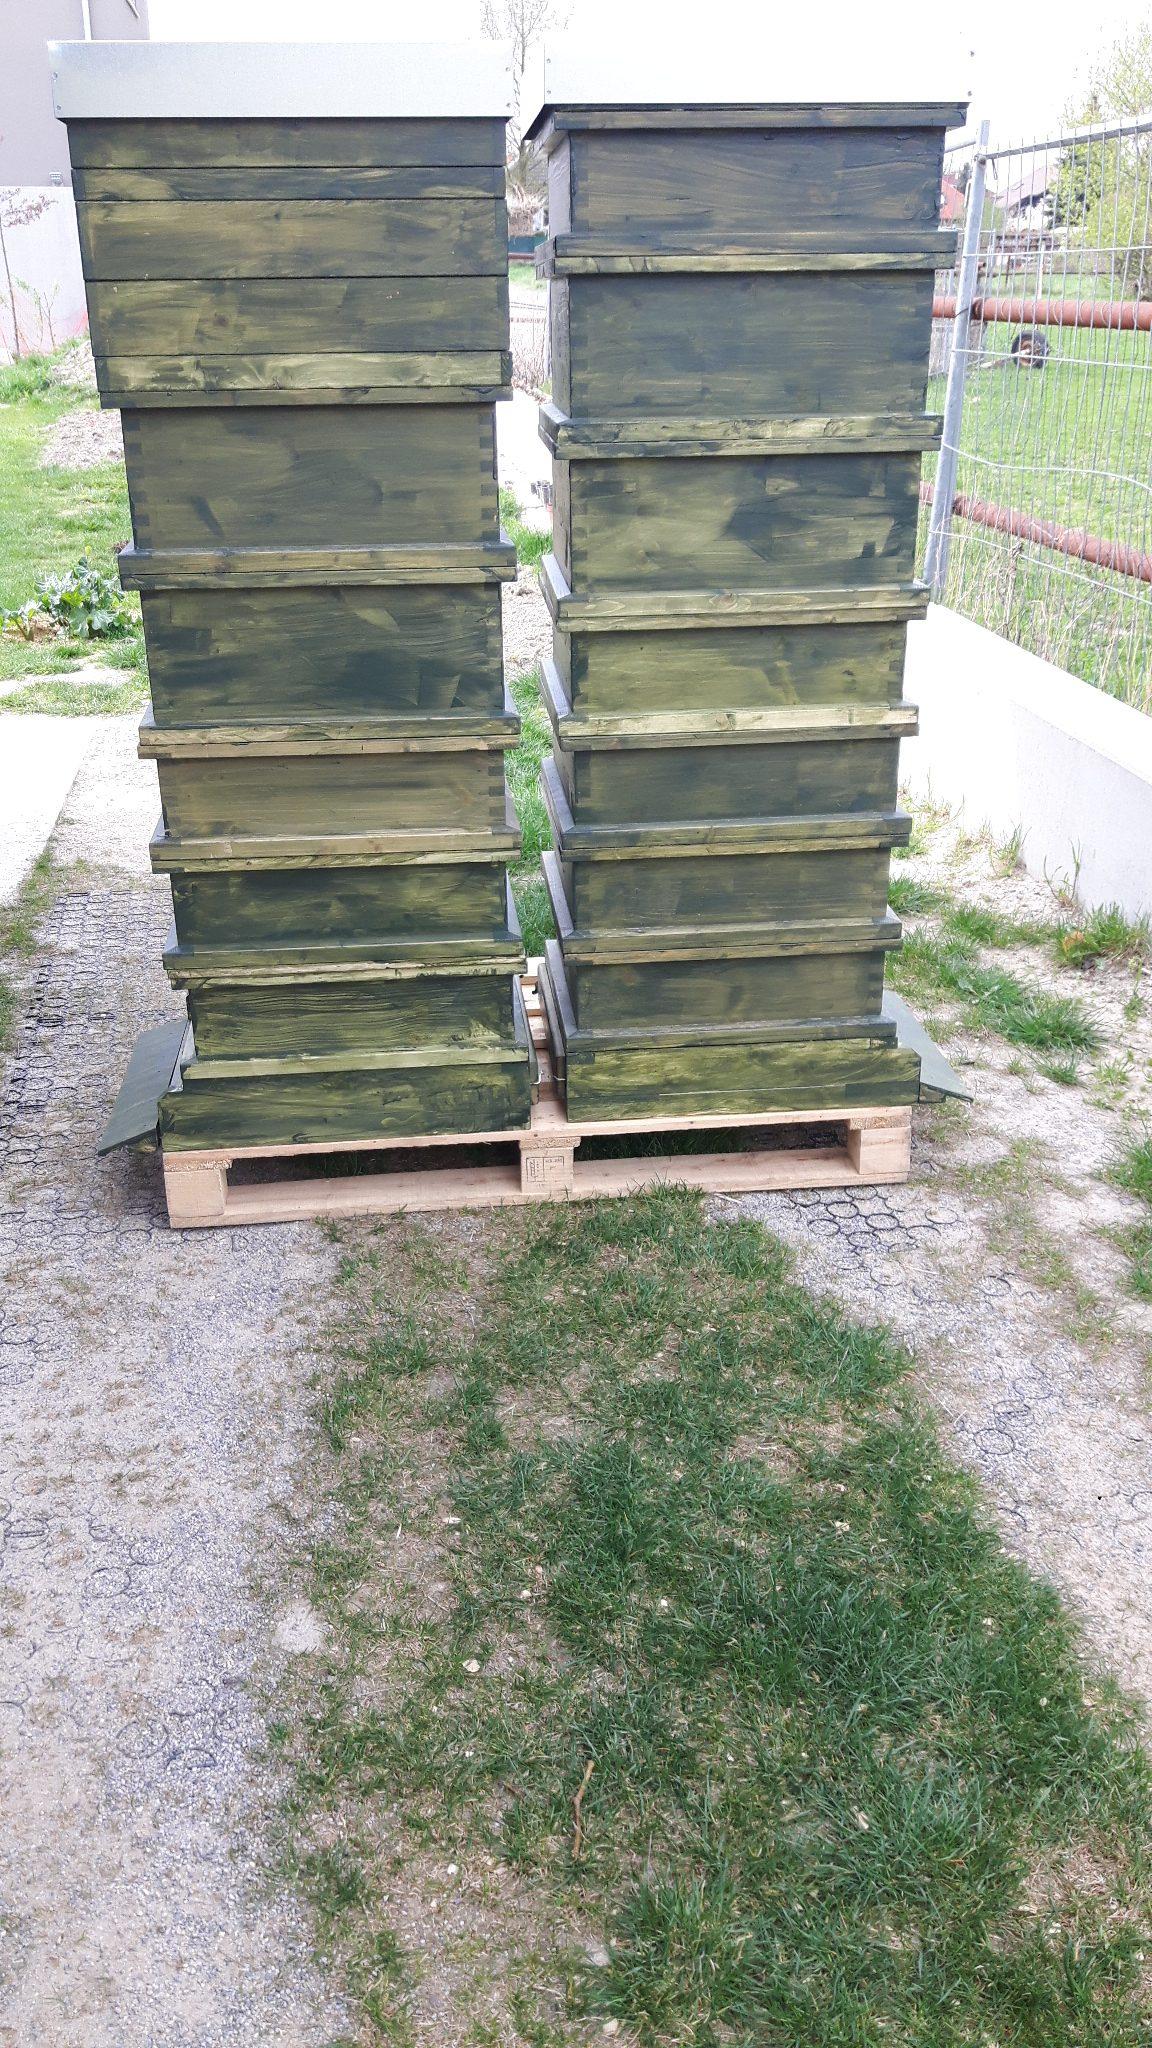 der Honigraum wird aus den schmalen Zargen gebaut